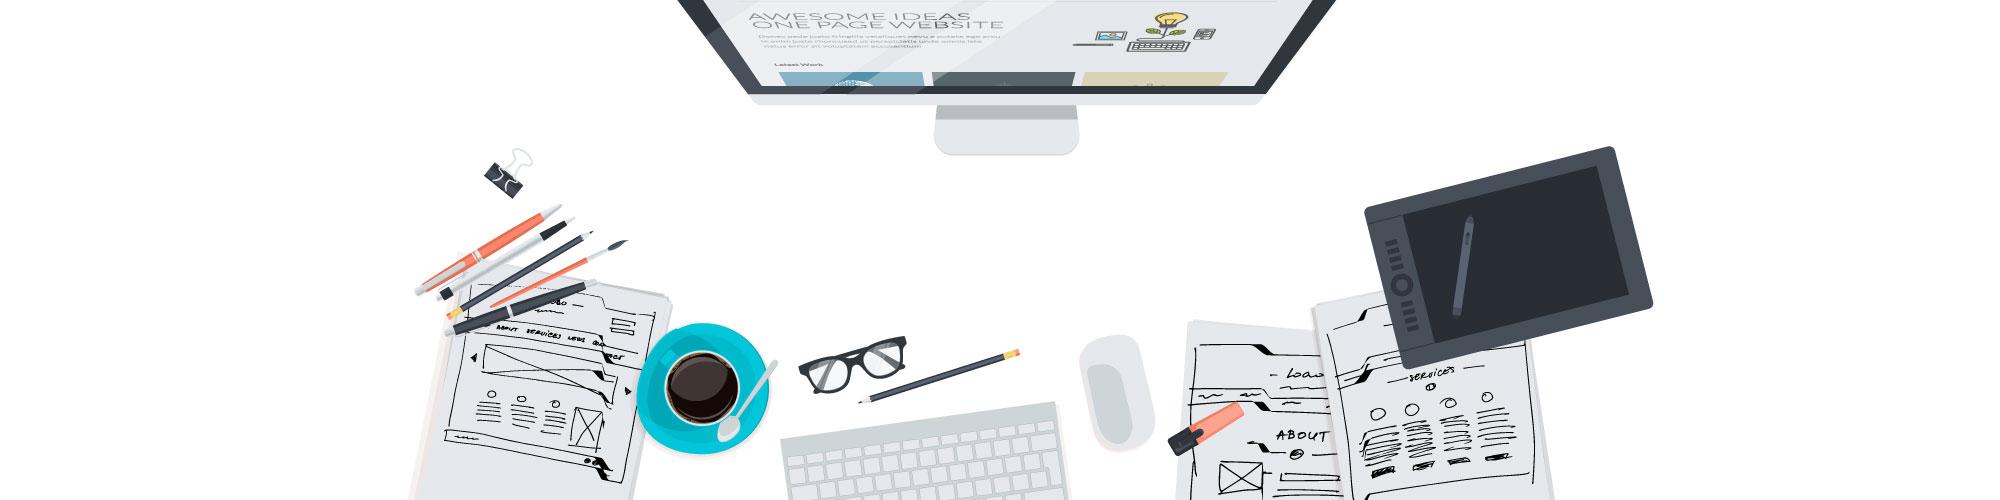 web_design_